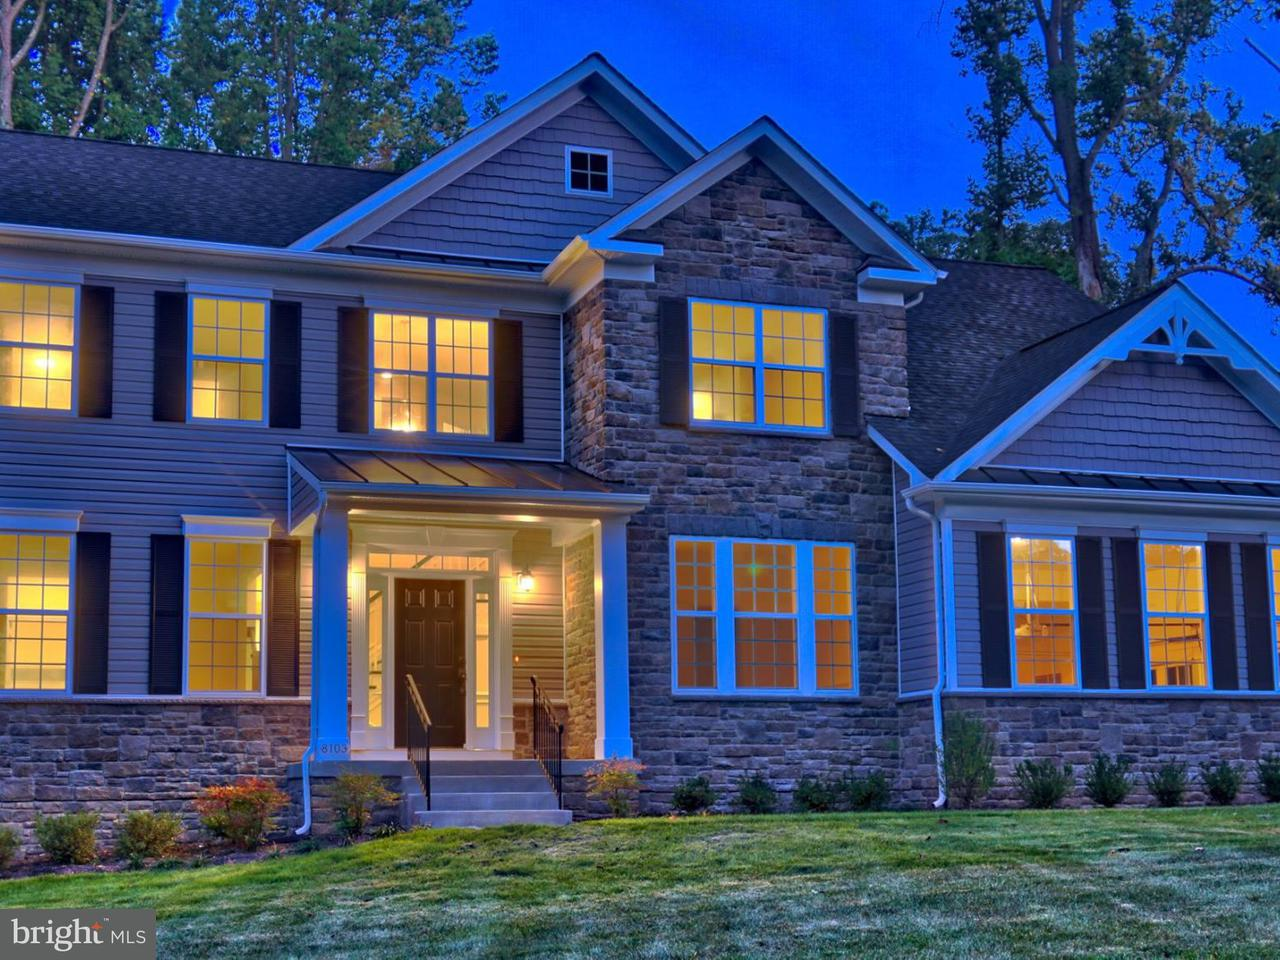 Casa Unifamiliar por un Venta en 8103 REDSTONE Road 8103 REDSTONE Road Kingsville, Maryland 21087 Estados Unidos